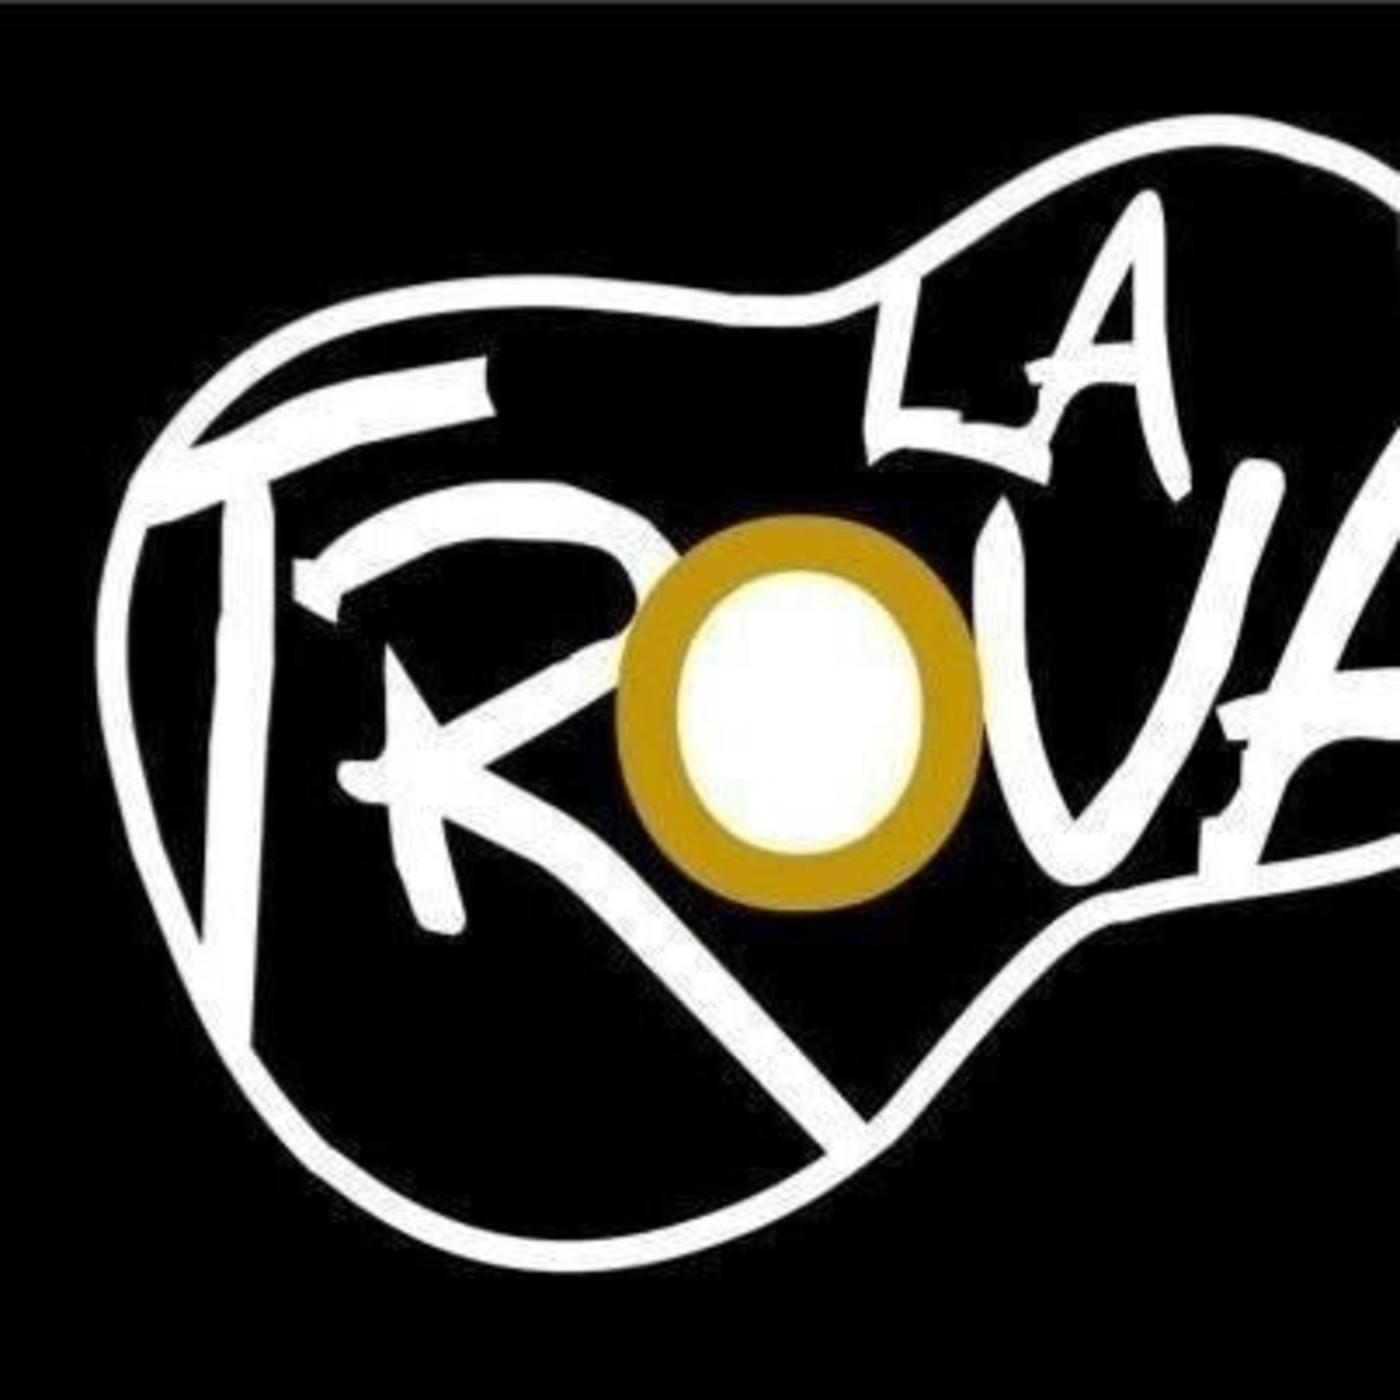 Alberto Cabrera: La Trova en Músicas en mp3(20/01 a las 12